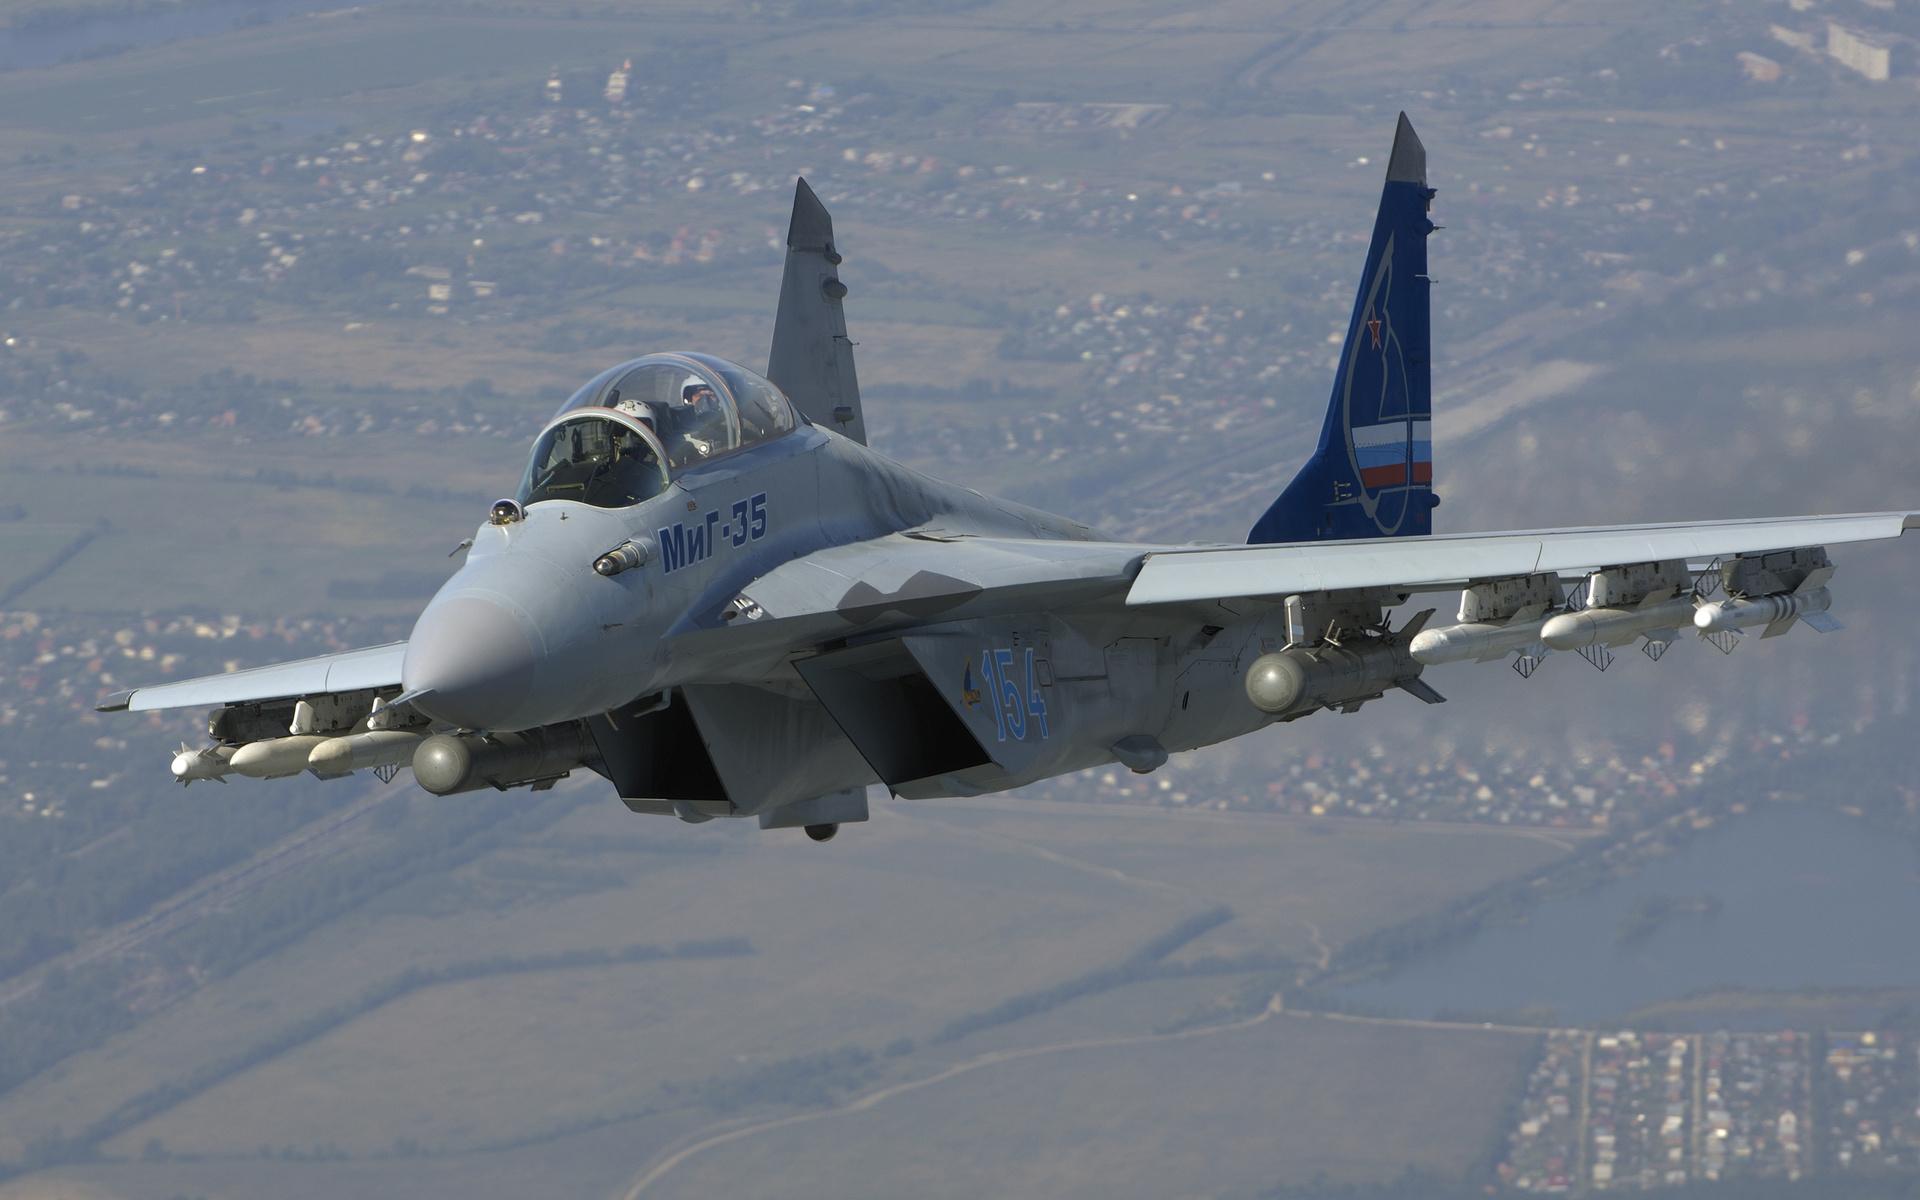 1920x1200 Military Mikoyan MiG-35